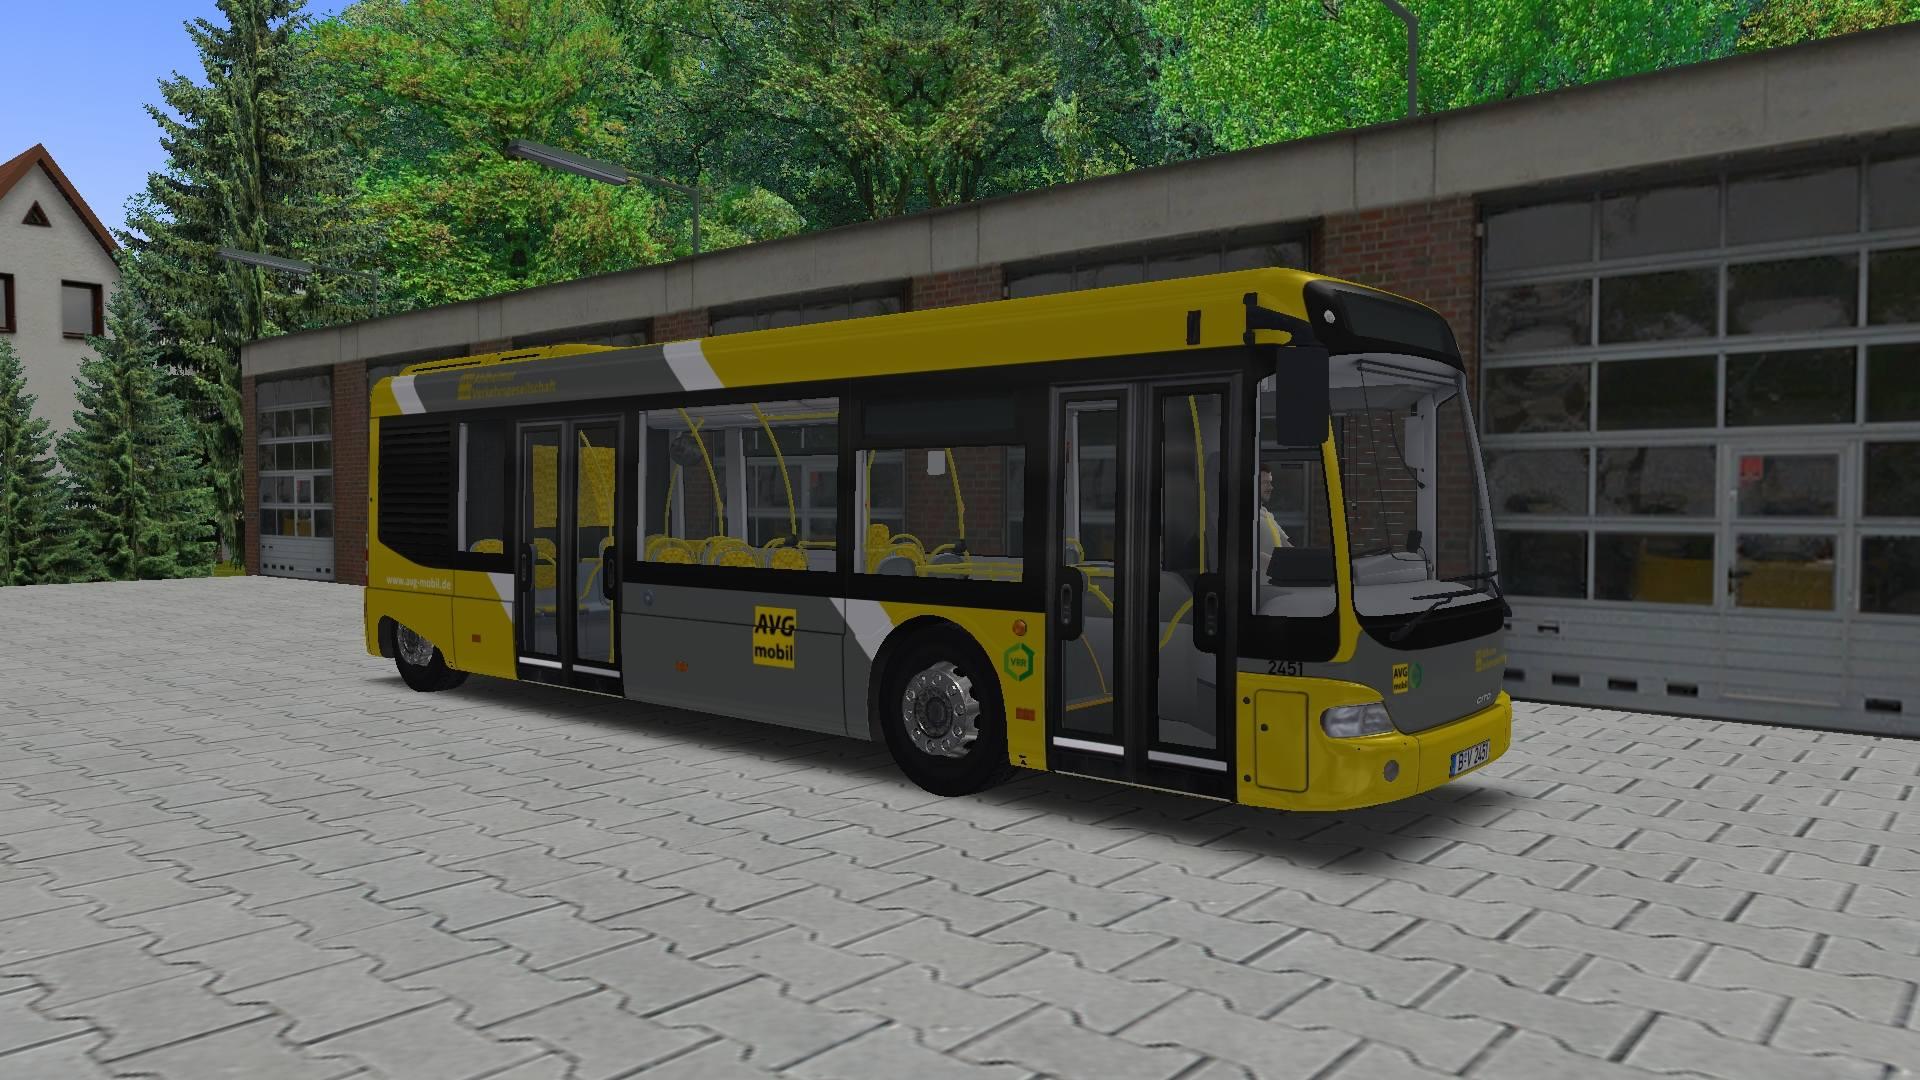 77336-omsi2-20210502-162611-autoscaled-jpg